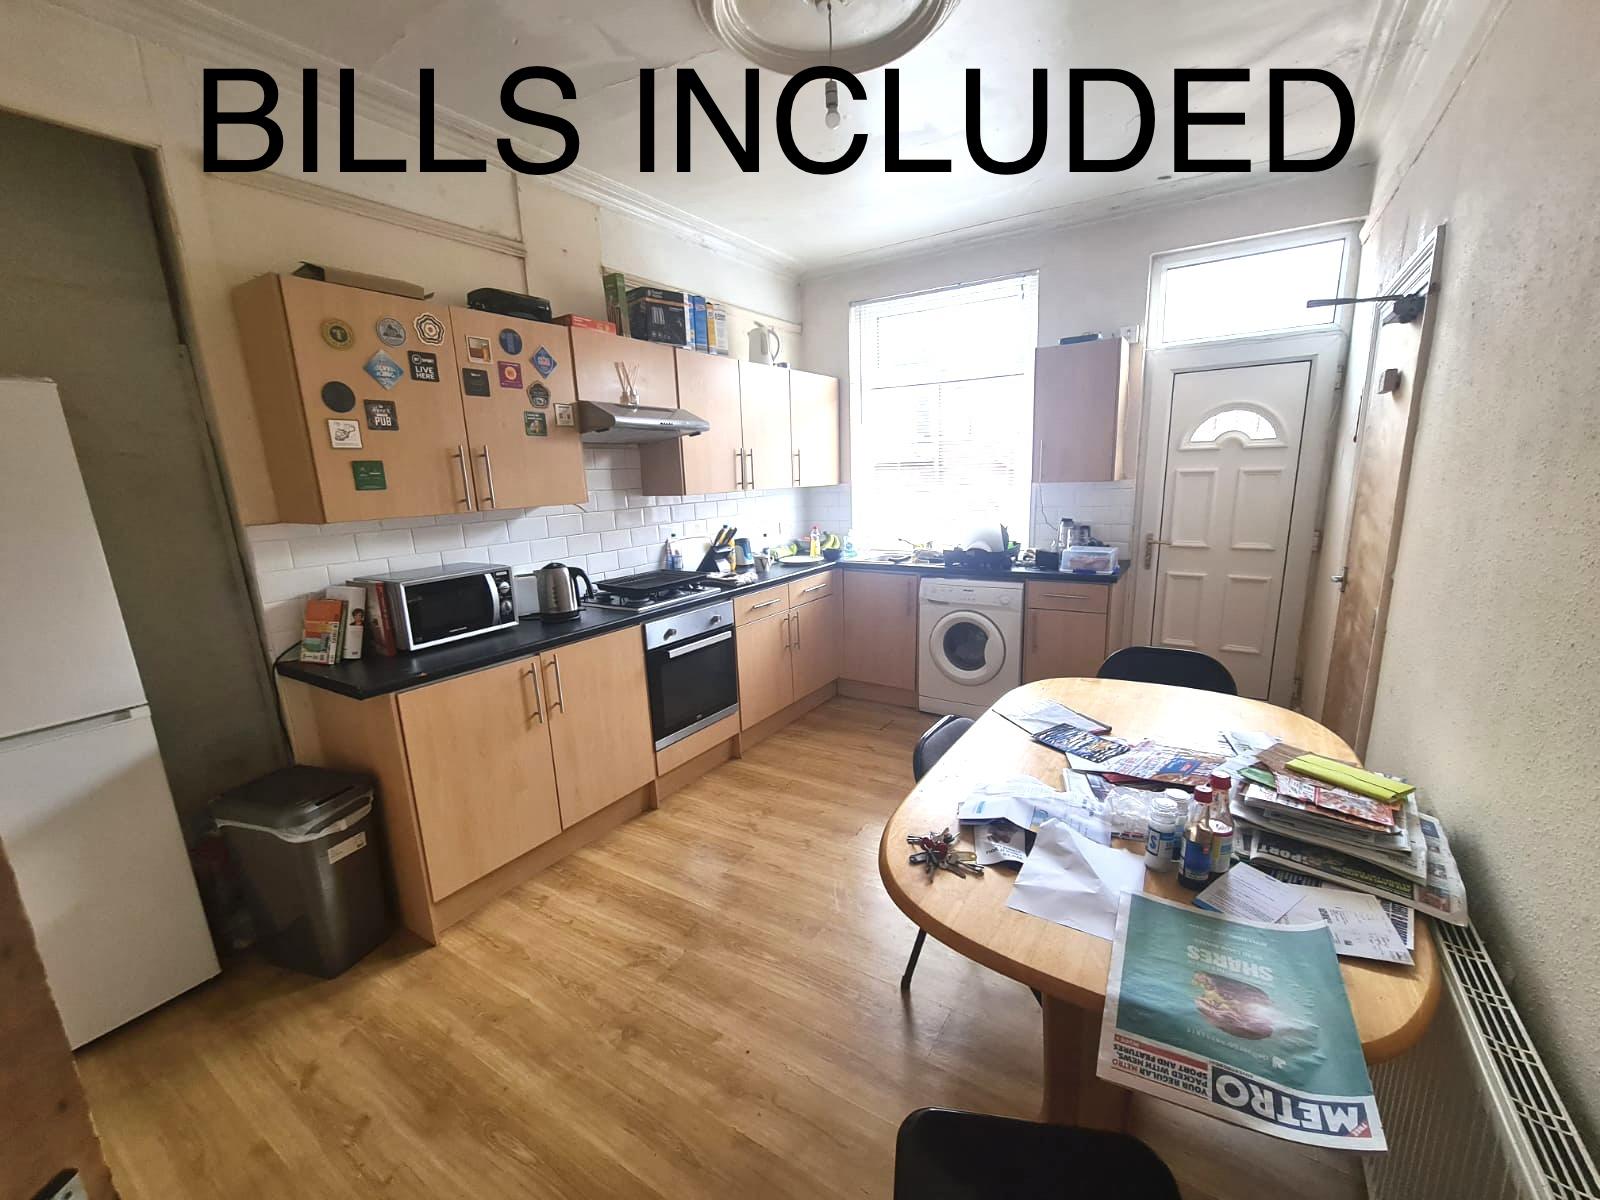 https://www.landlorddirectlets.co.uk/storage/app/uploads/public/605/8ce/261/6058ce2610ec1938623168.jpeg